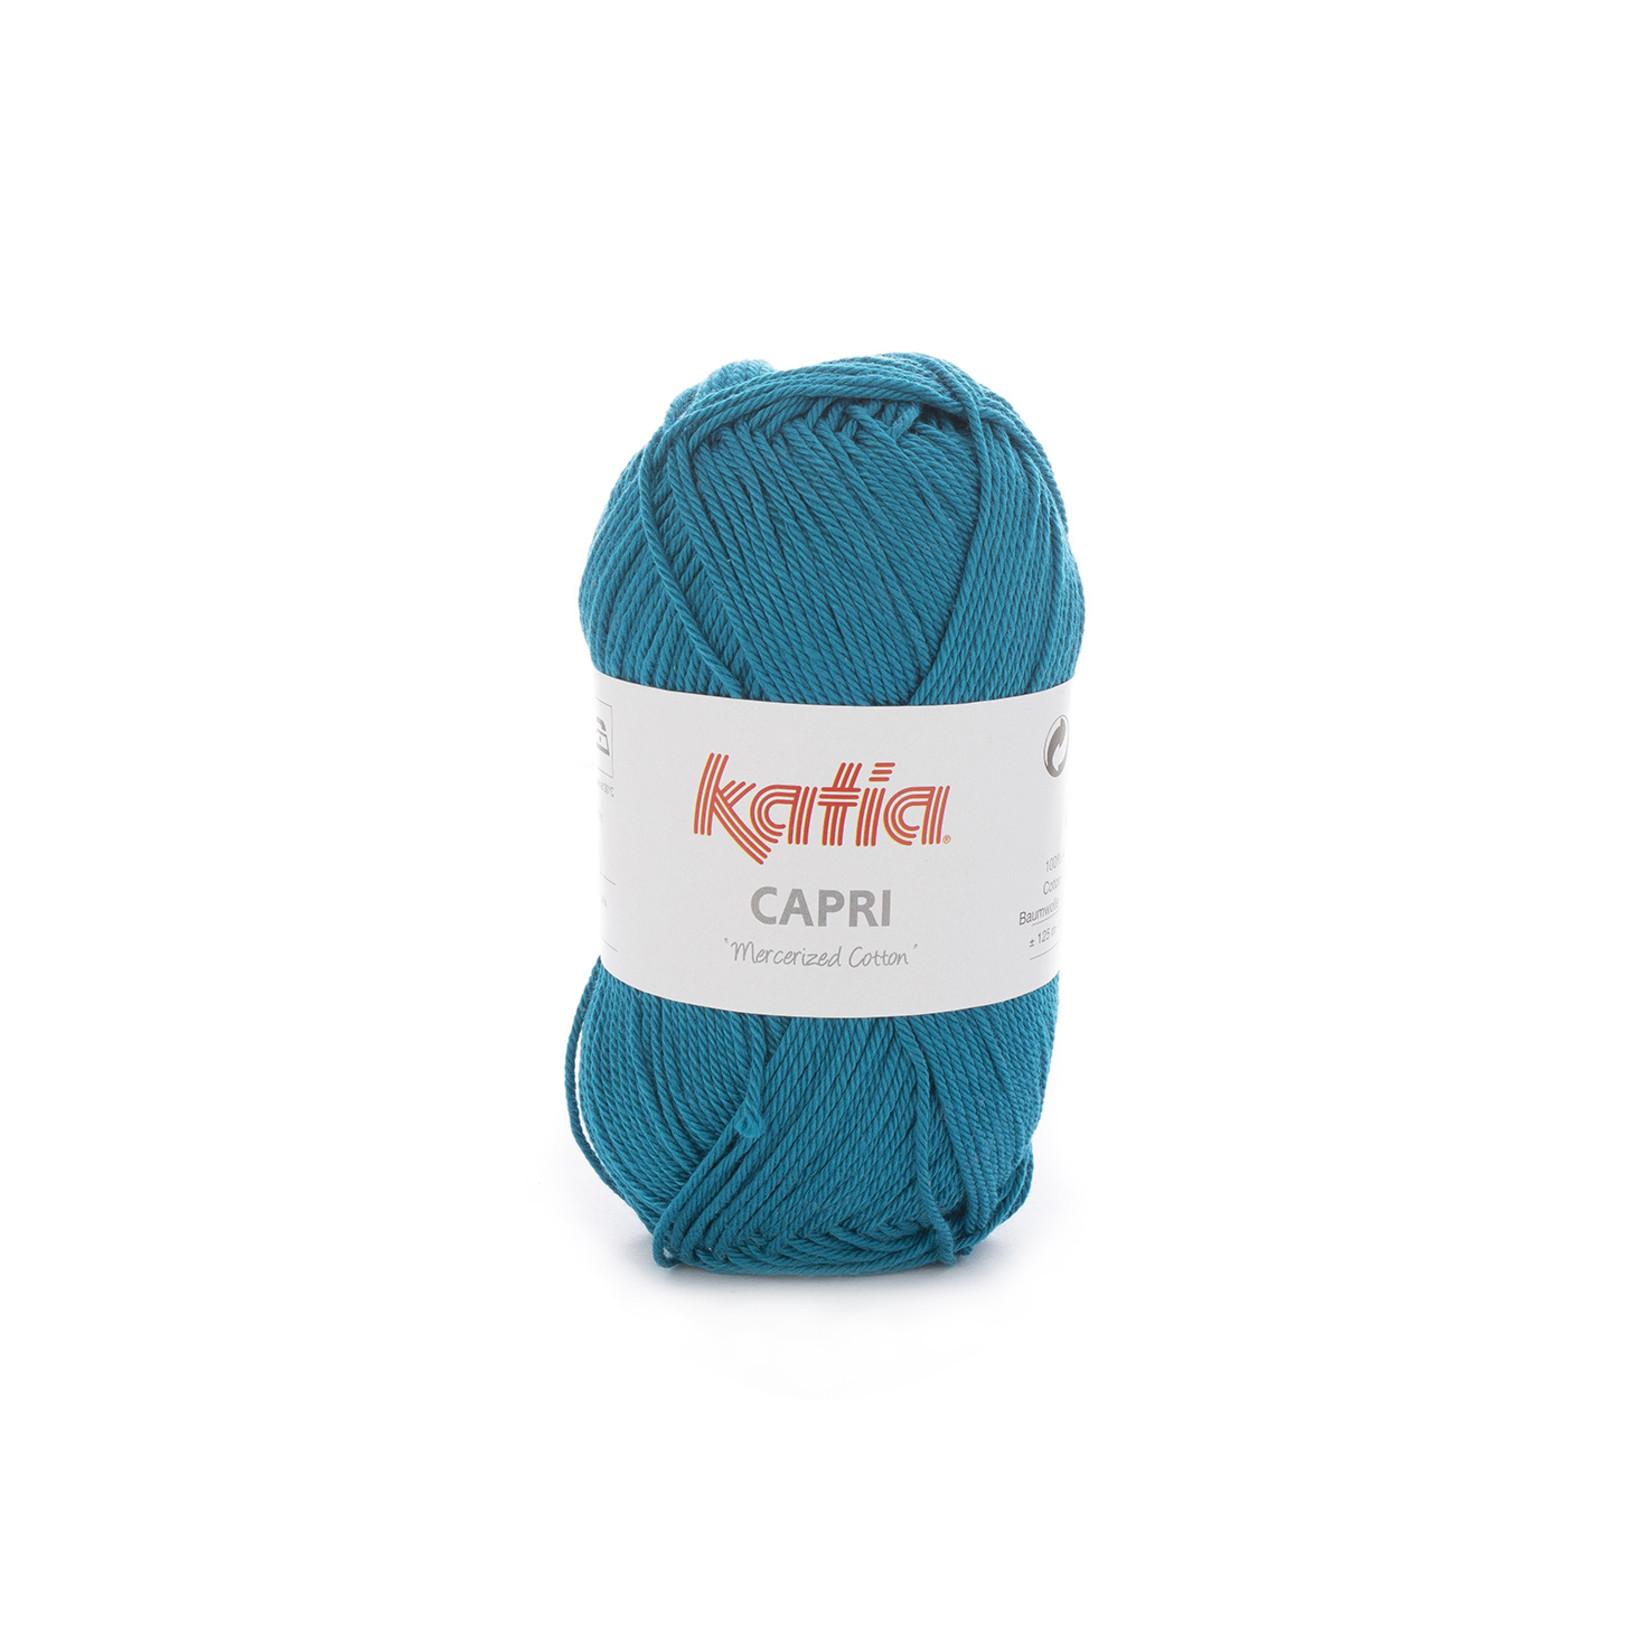 Katia Katia Capri - kleur 161 Groenblauw - 50 gr. = 125 m. - 100% katoen